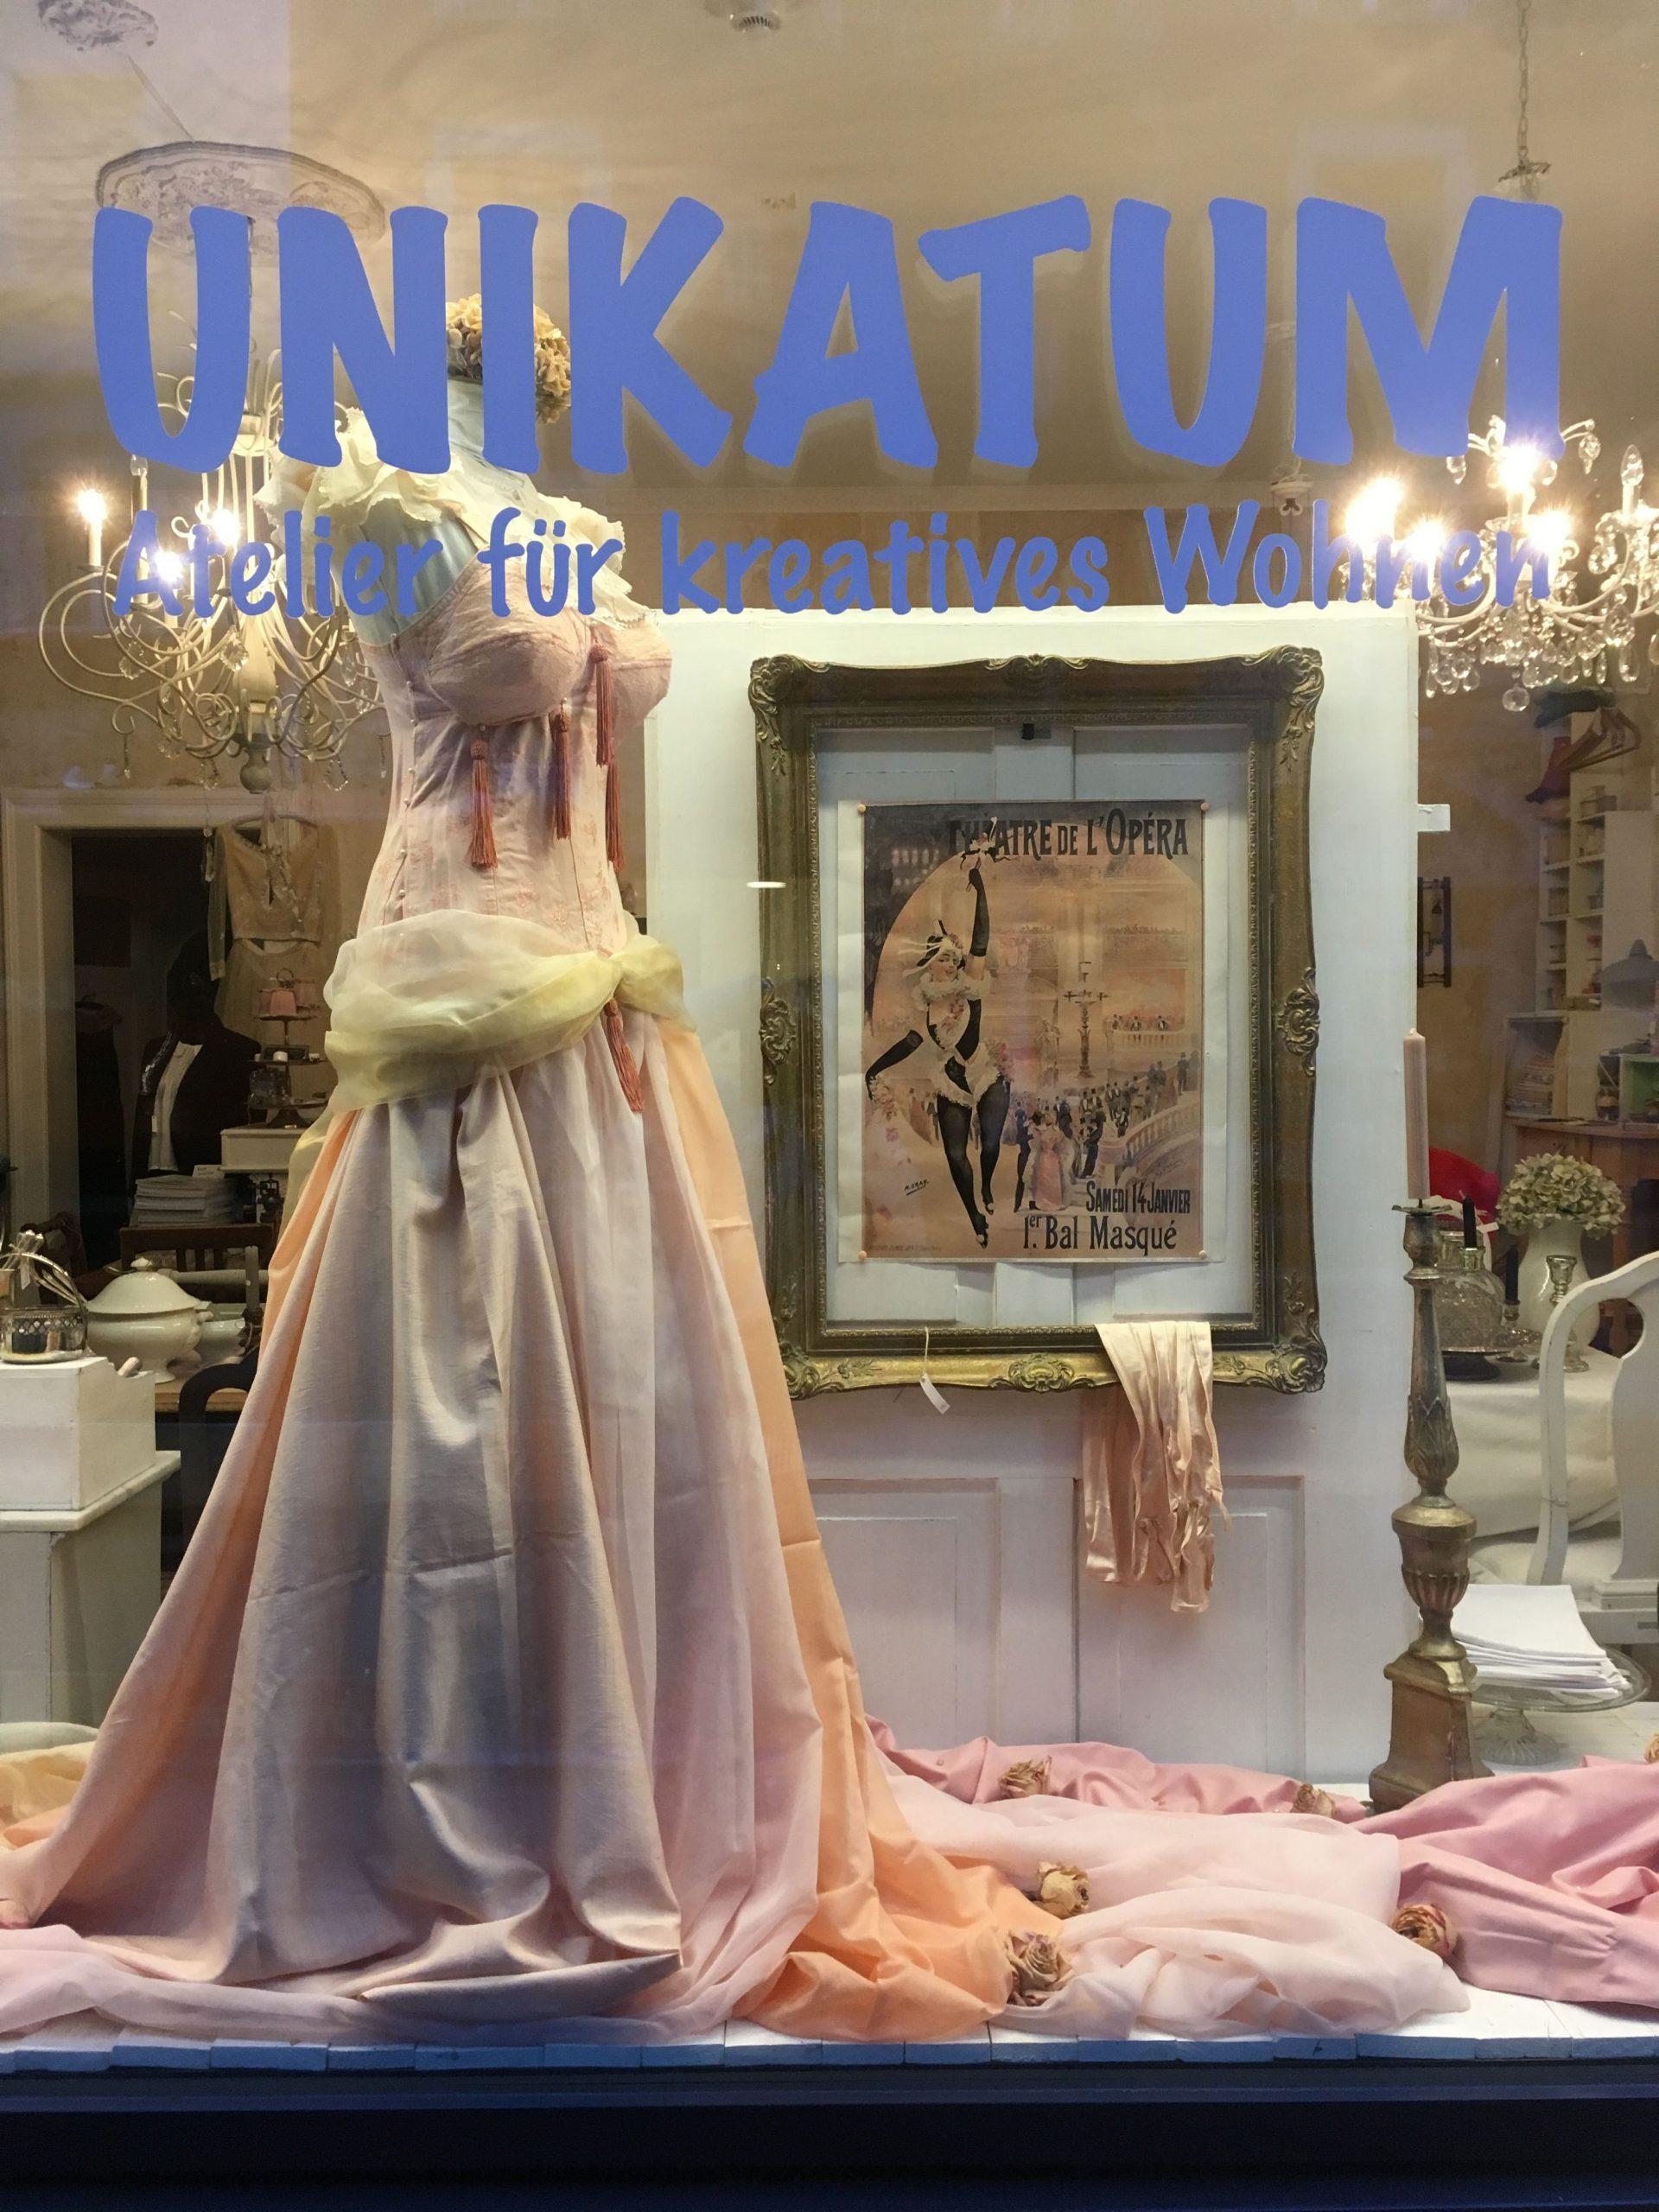 Unikatum Vintage Laden In Luzern: Schaufenster Februar 2018